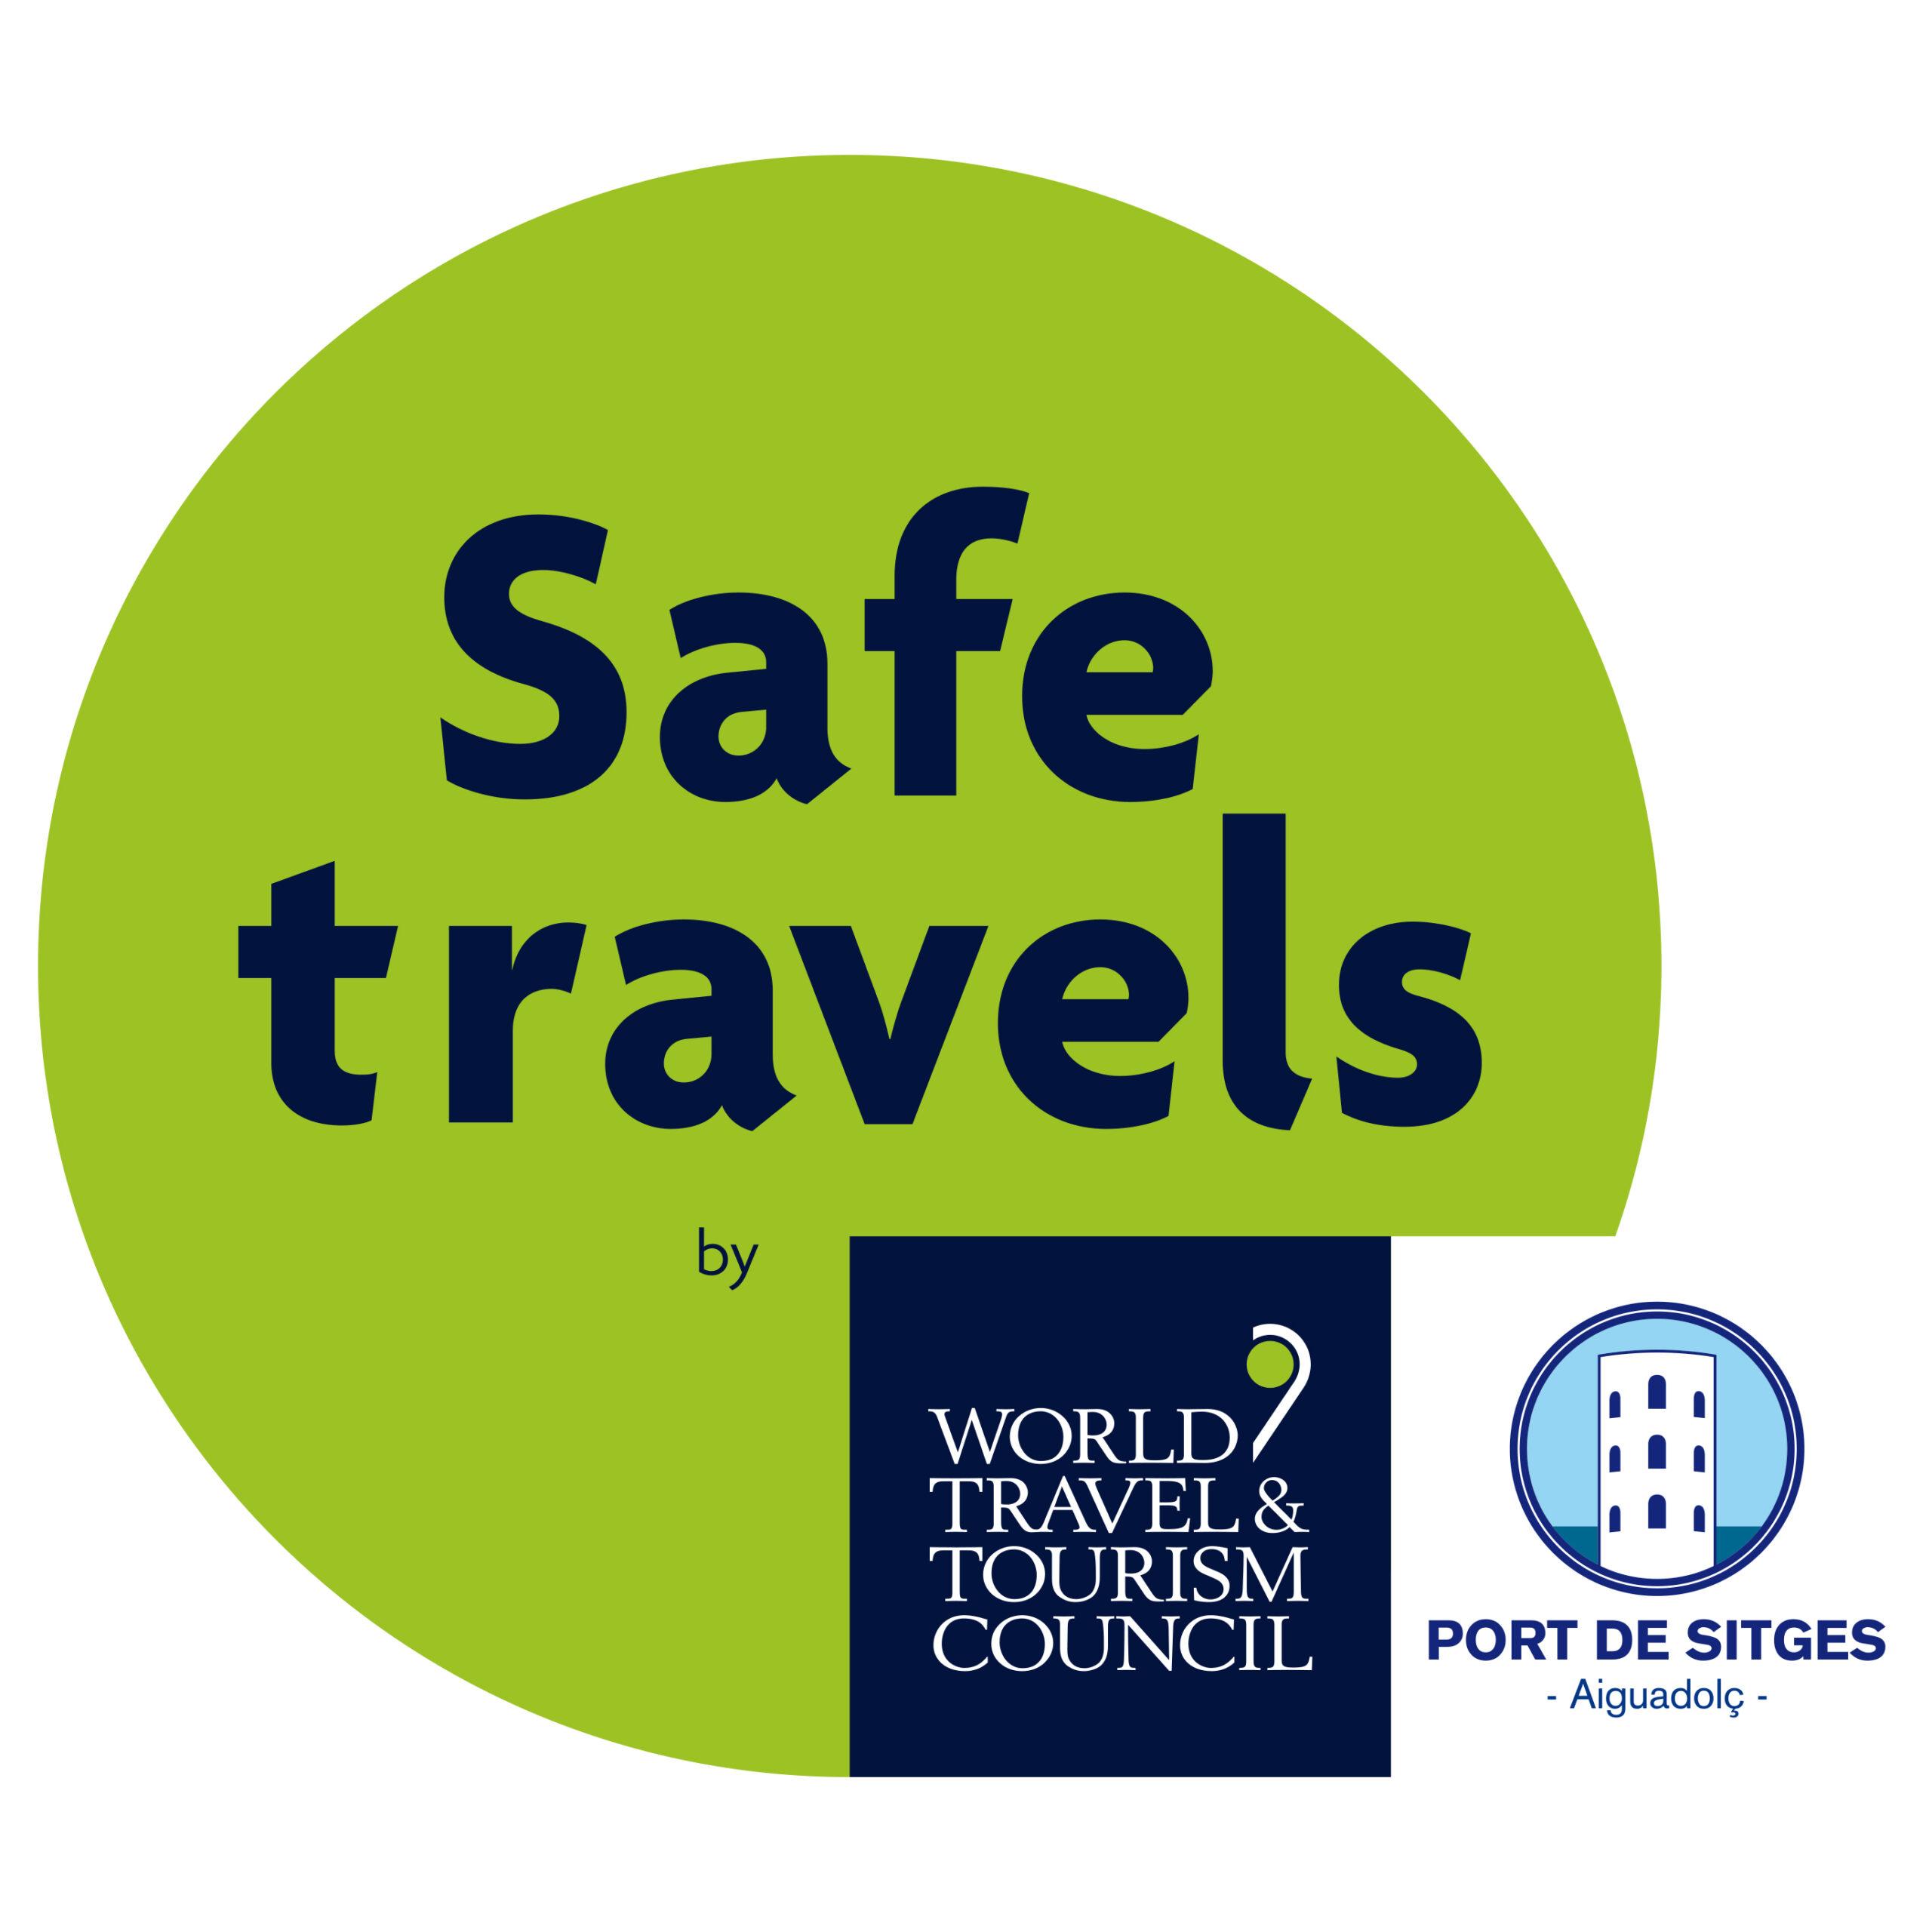 El Port de Sitges rep el segell SAFE TRAVELS